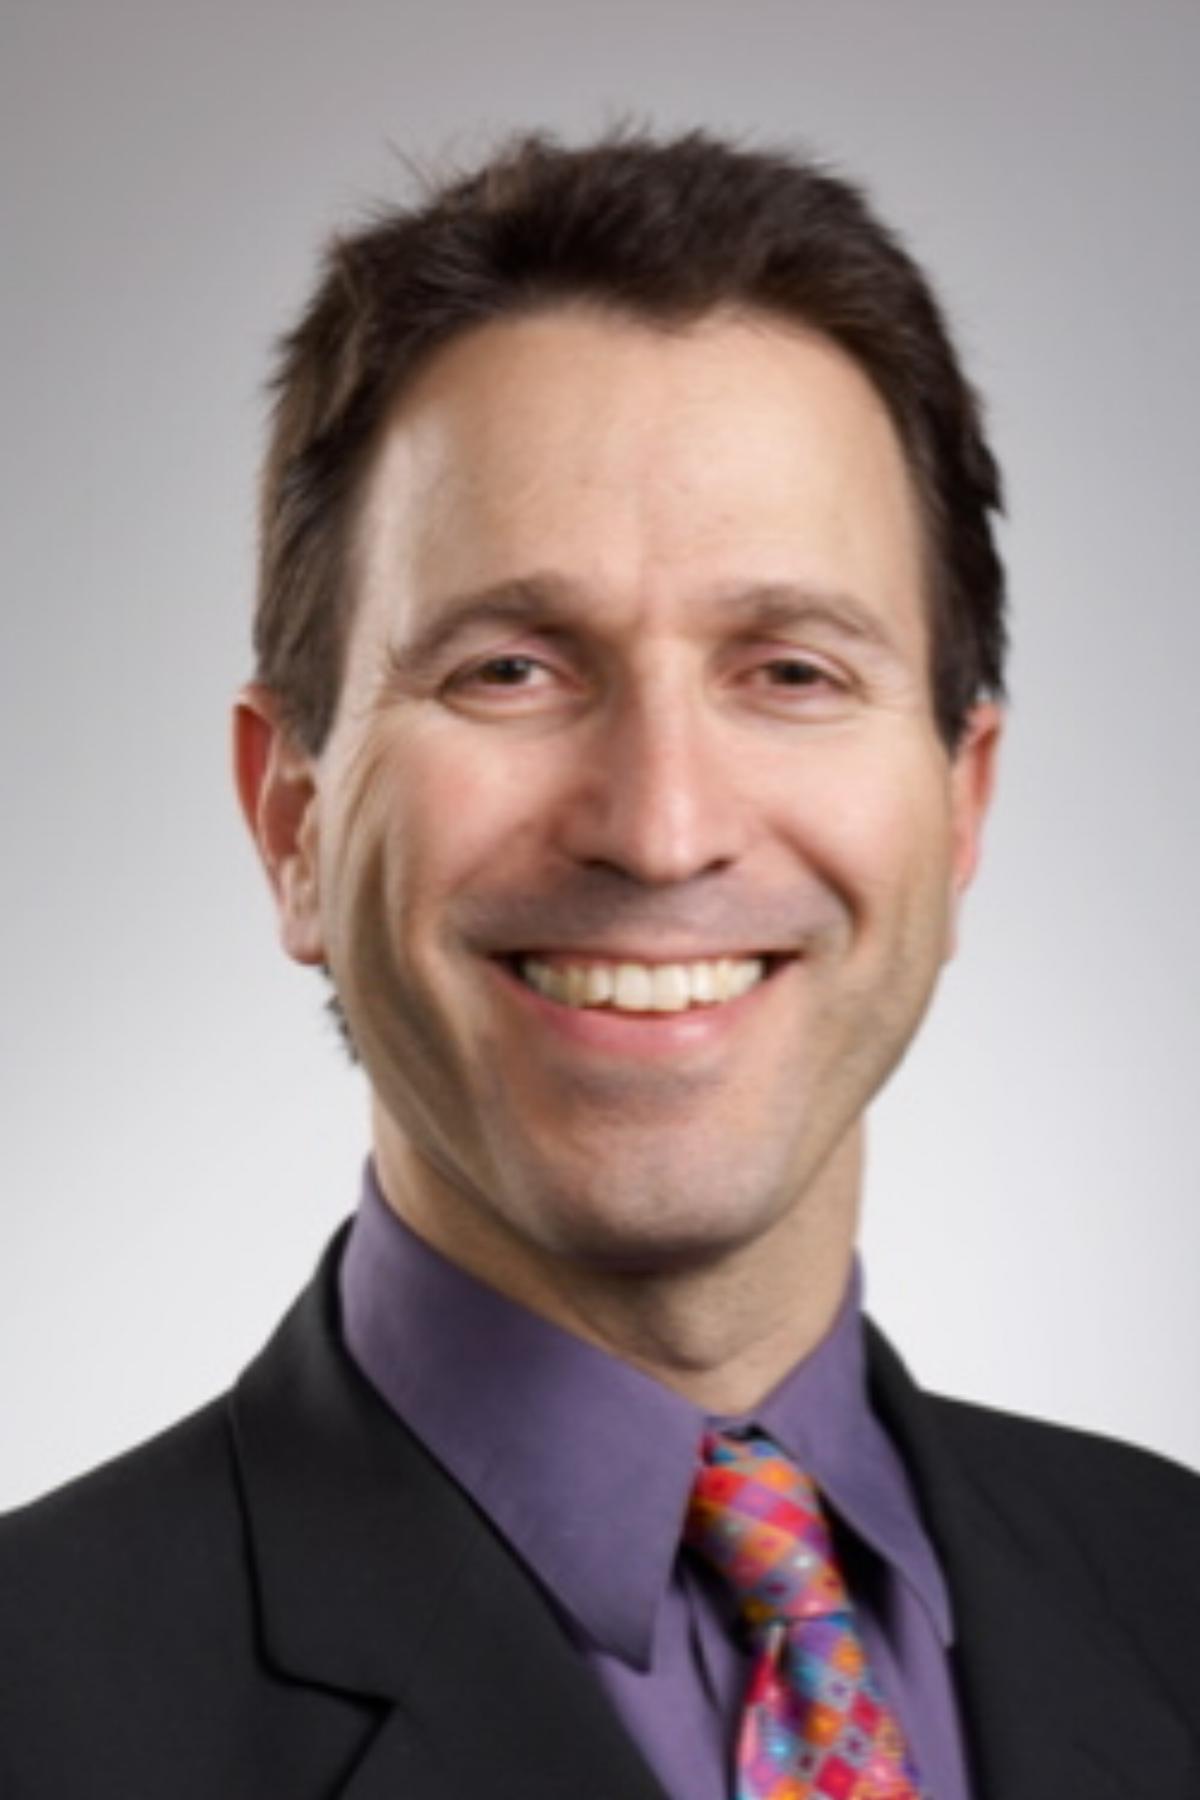 Dr. Paul Barach